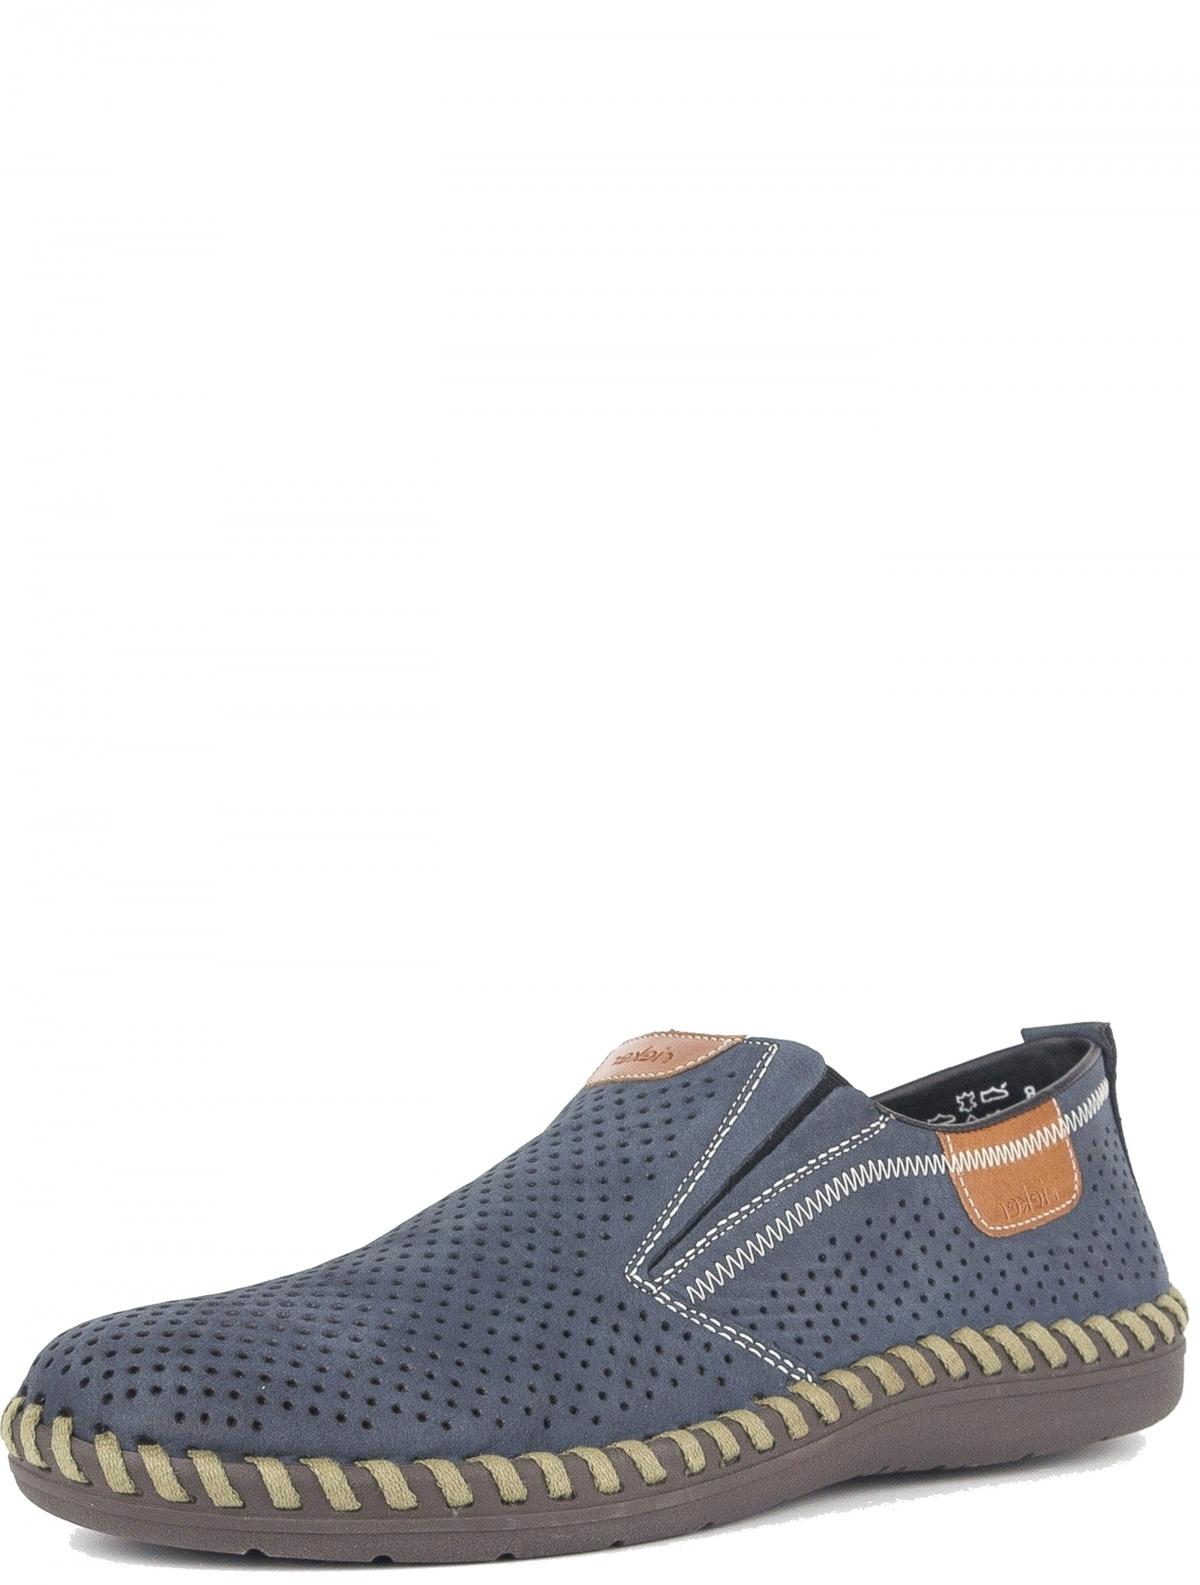 Rieker B2465-14 мужские туфли